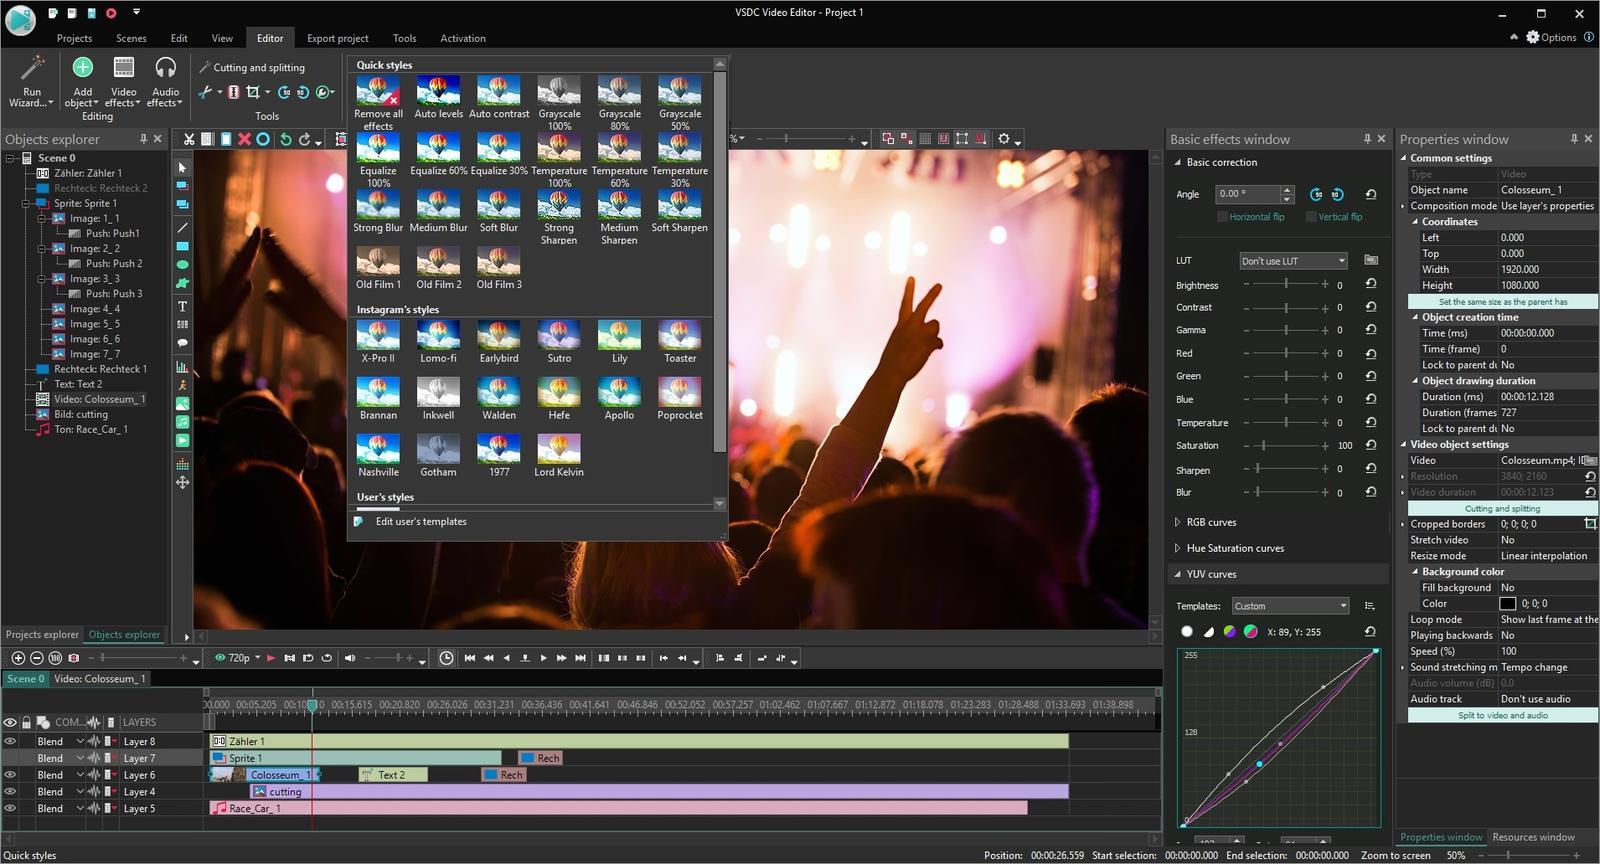 VSDC Video Editor Crack1